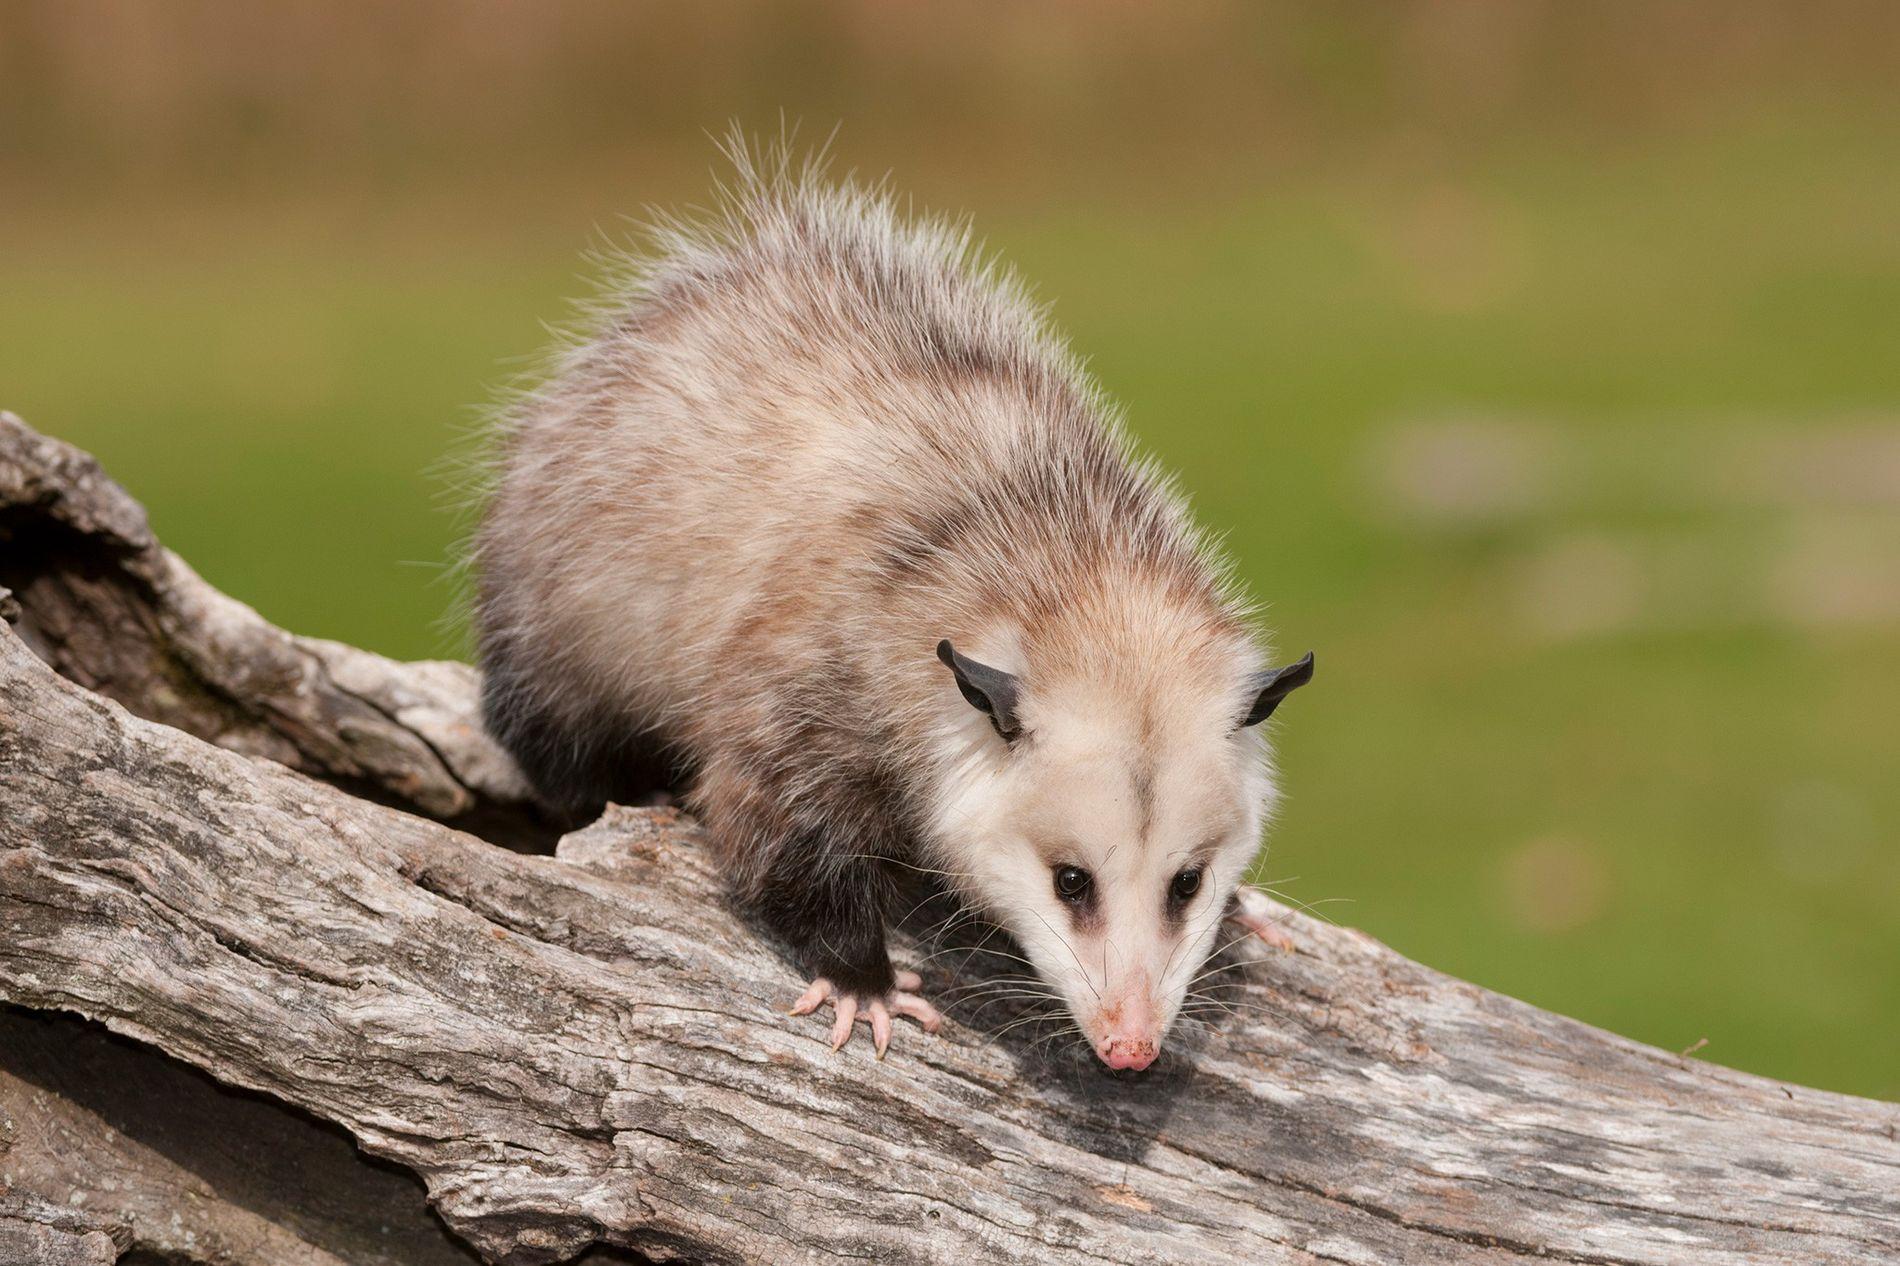 O gambá-da-virgínia (fotografado em Michigan) está bem longe do opossum das ilhas do Pacífico.